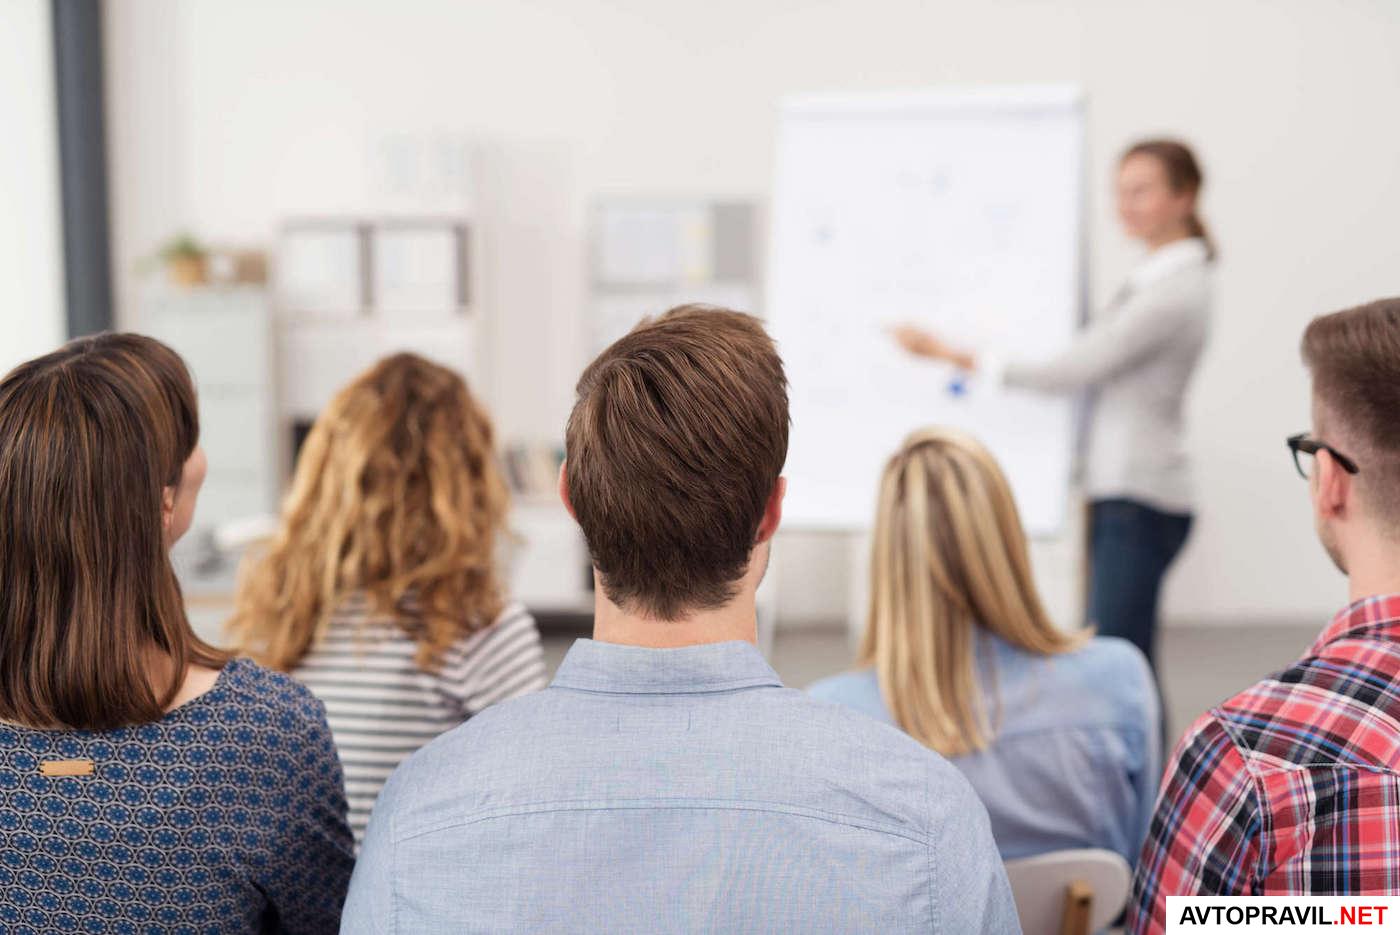 Аудитория студентов и преподаватель на заднем плане